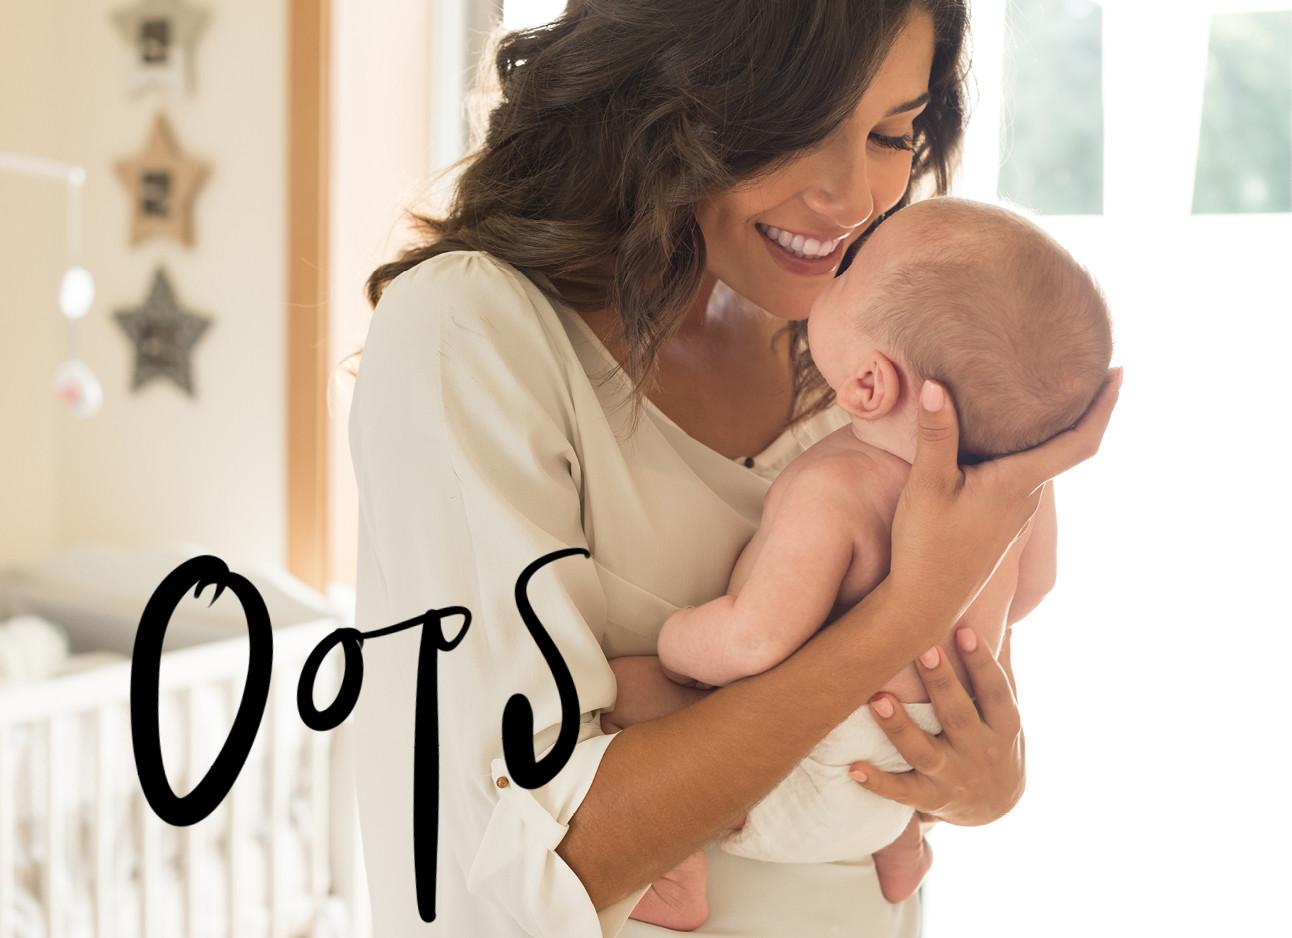 vrouw in wit shirt met baby vasthouden